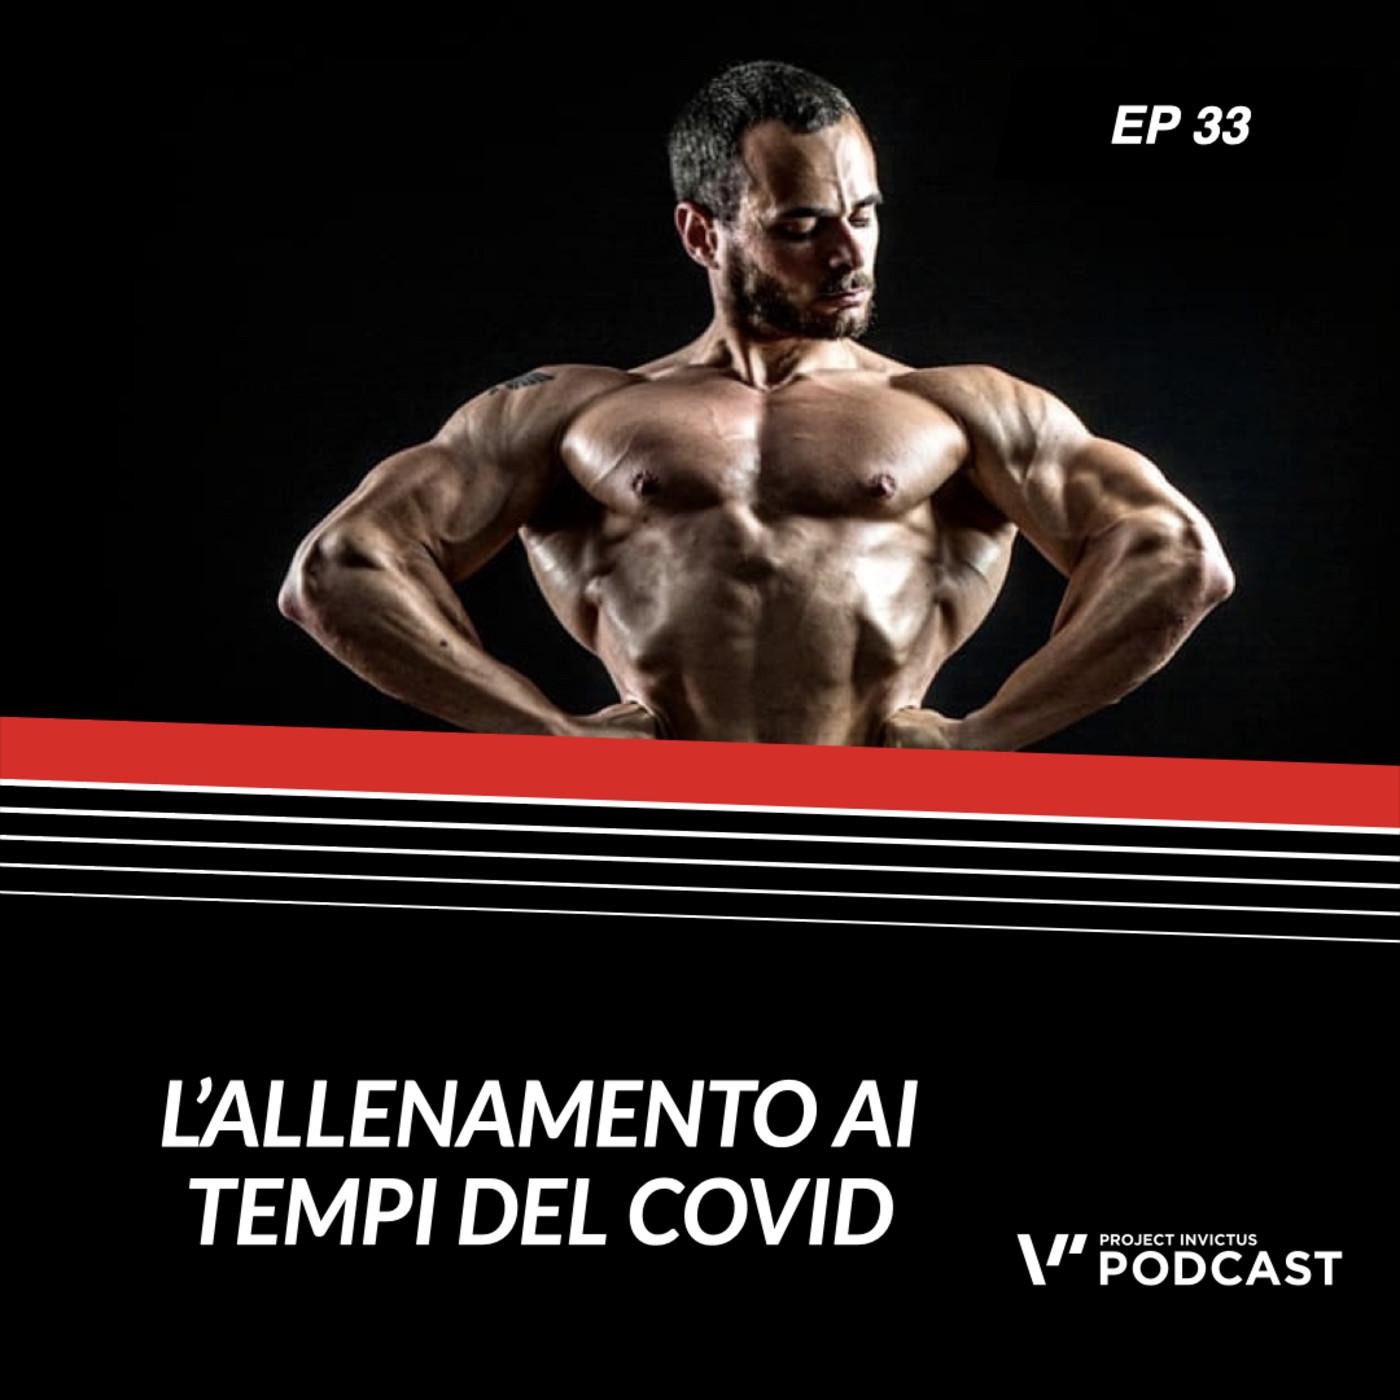 Invictus podcast ep. 33 - Matteo Picchi - L'allenamento ai tempi del covid